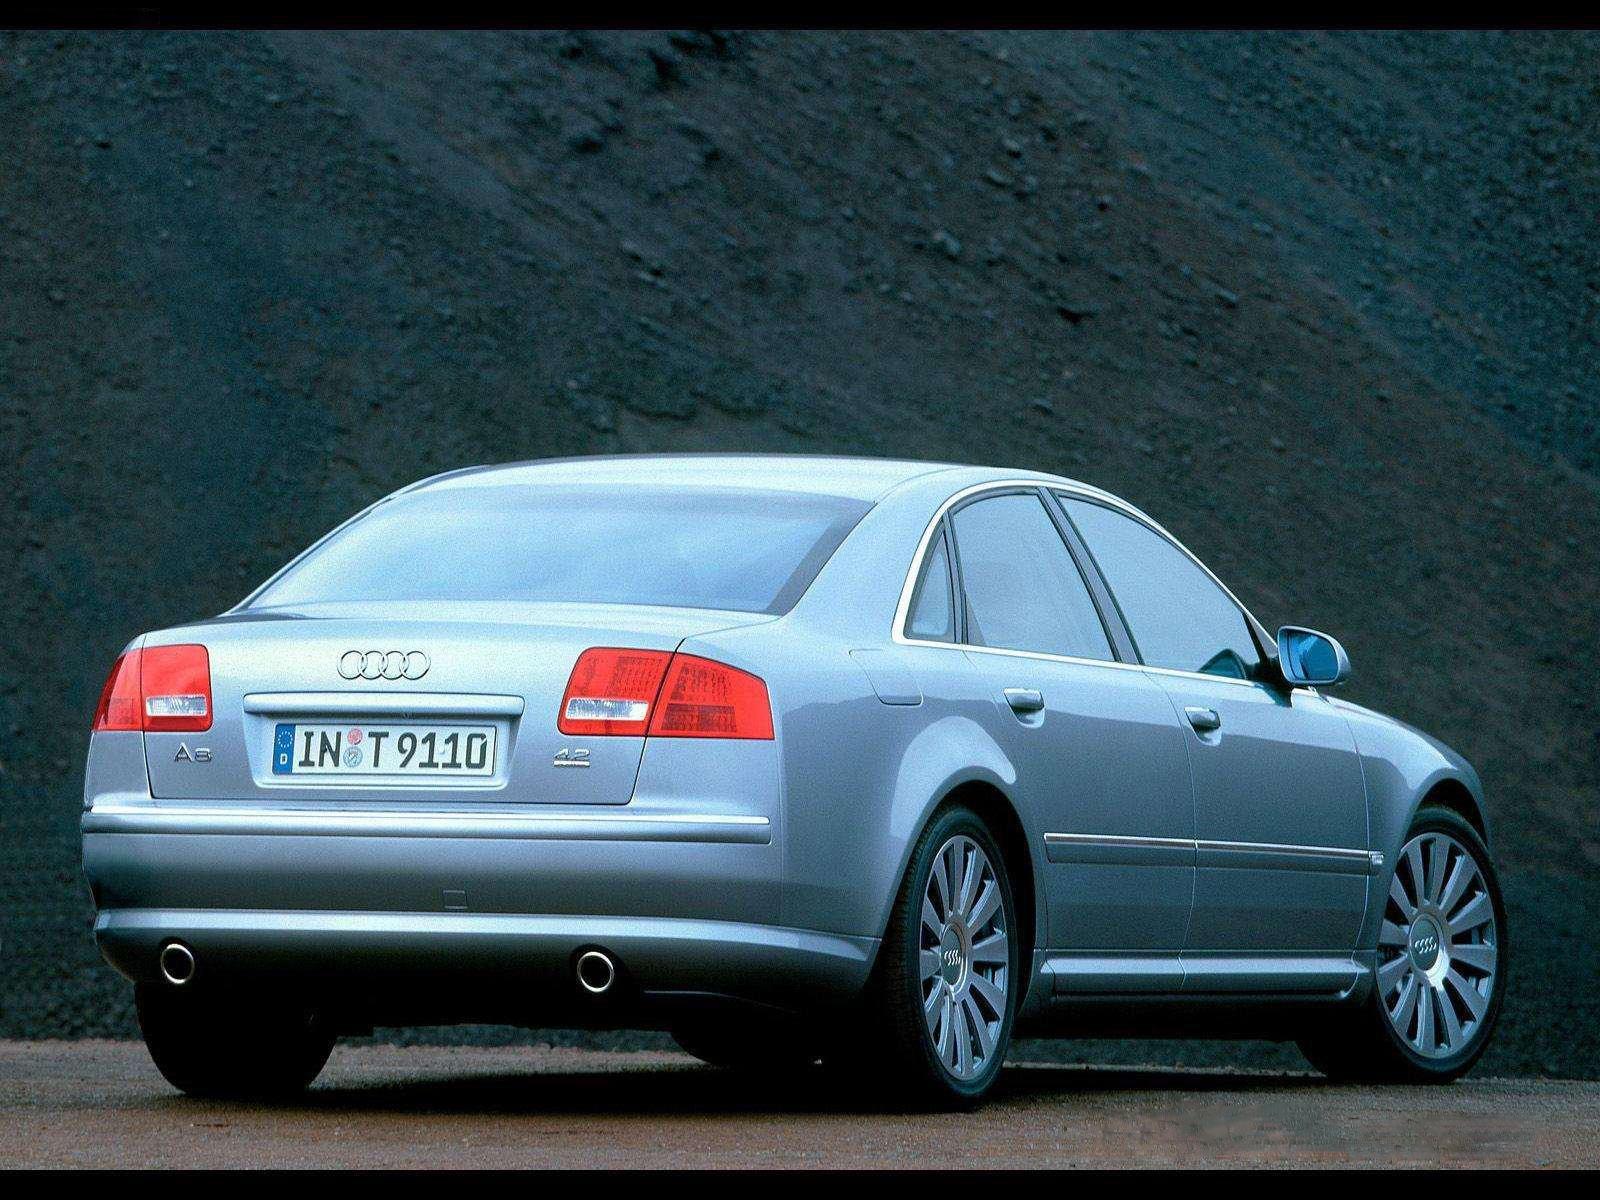 Audi a8 l 6 0 w12 quattro 2004 picture 3 of 5 rear angle image - 2004 Audi A8 4 2 Quattro Rear View